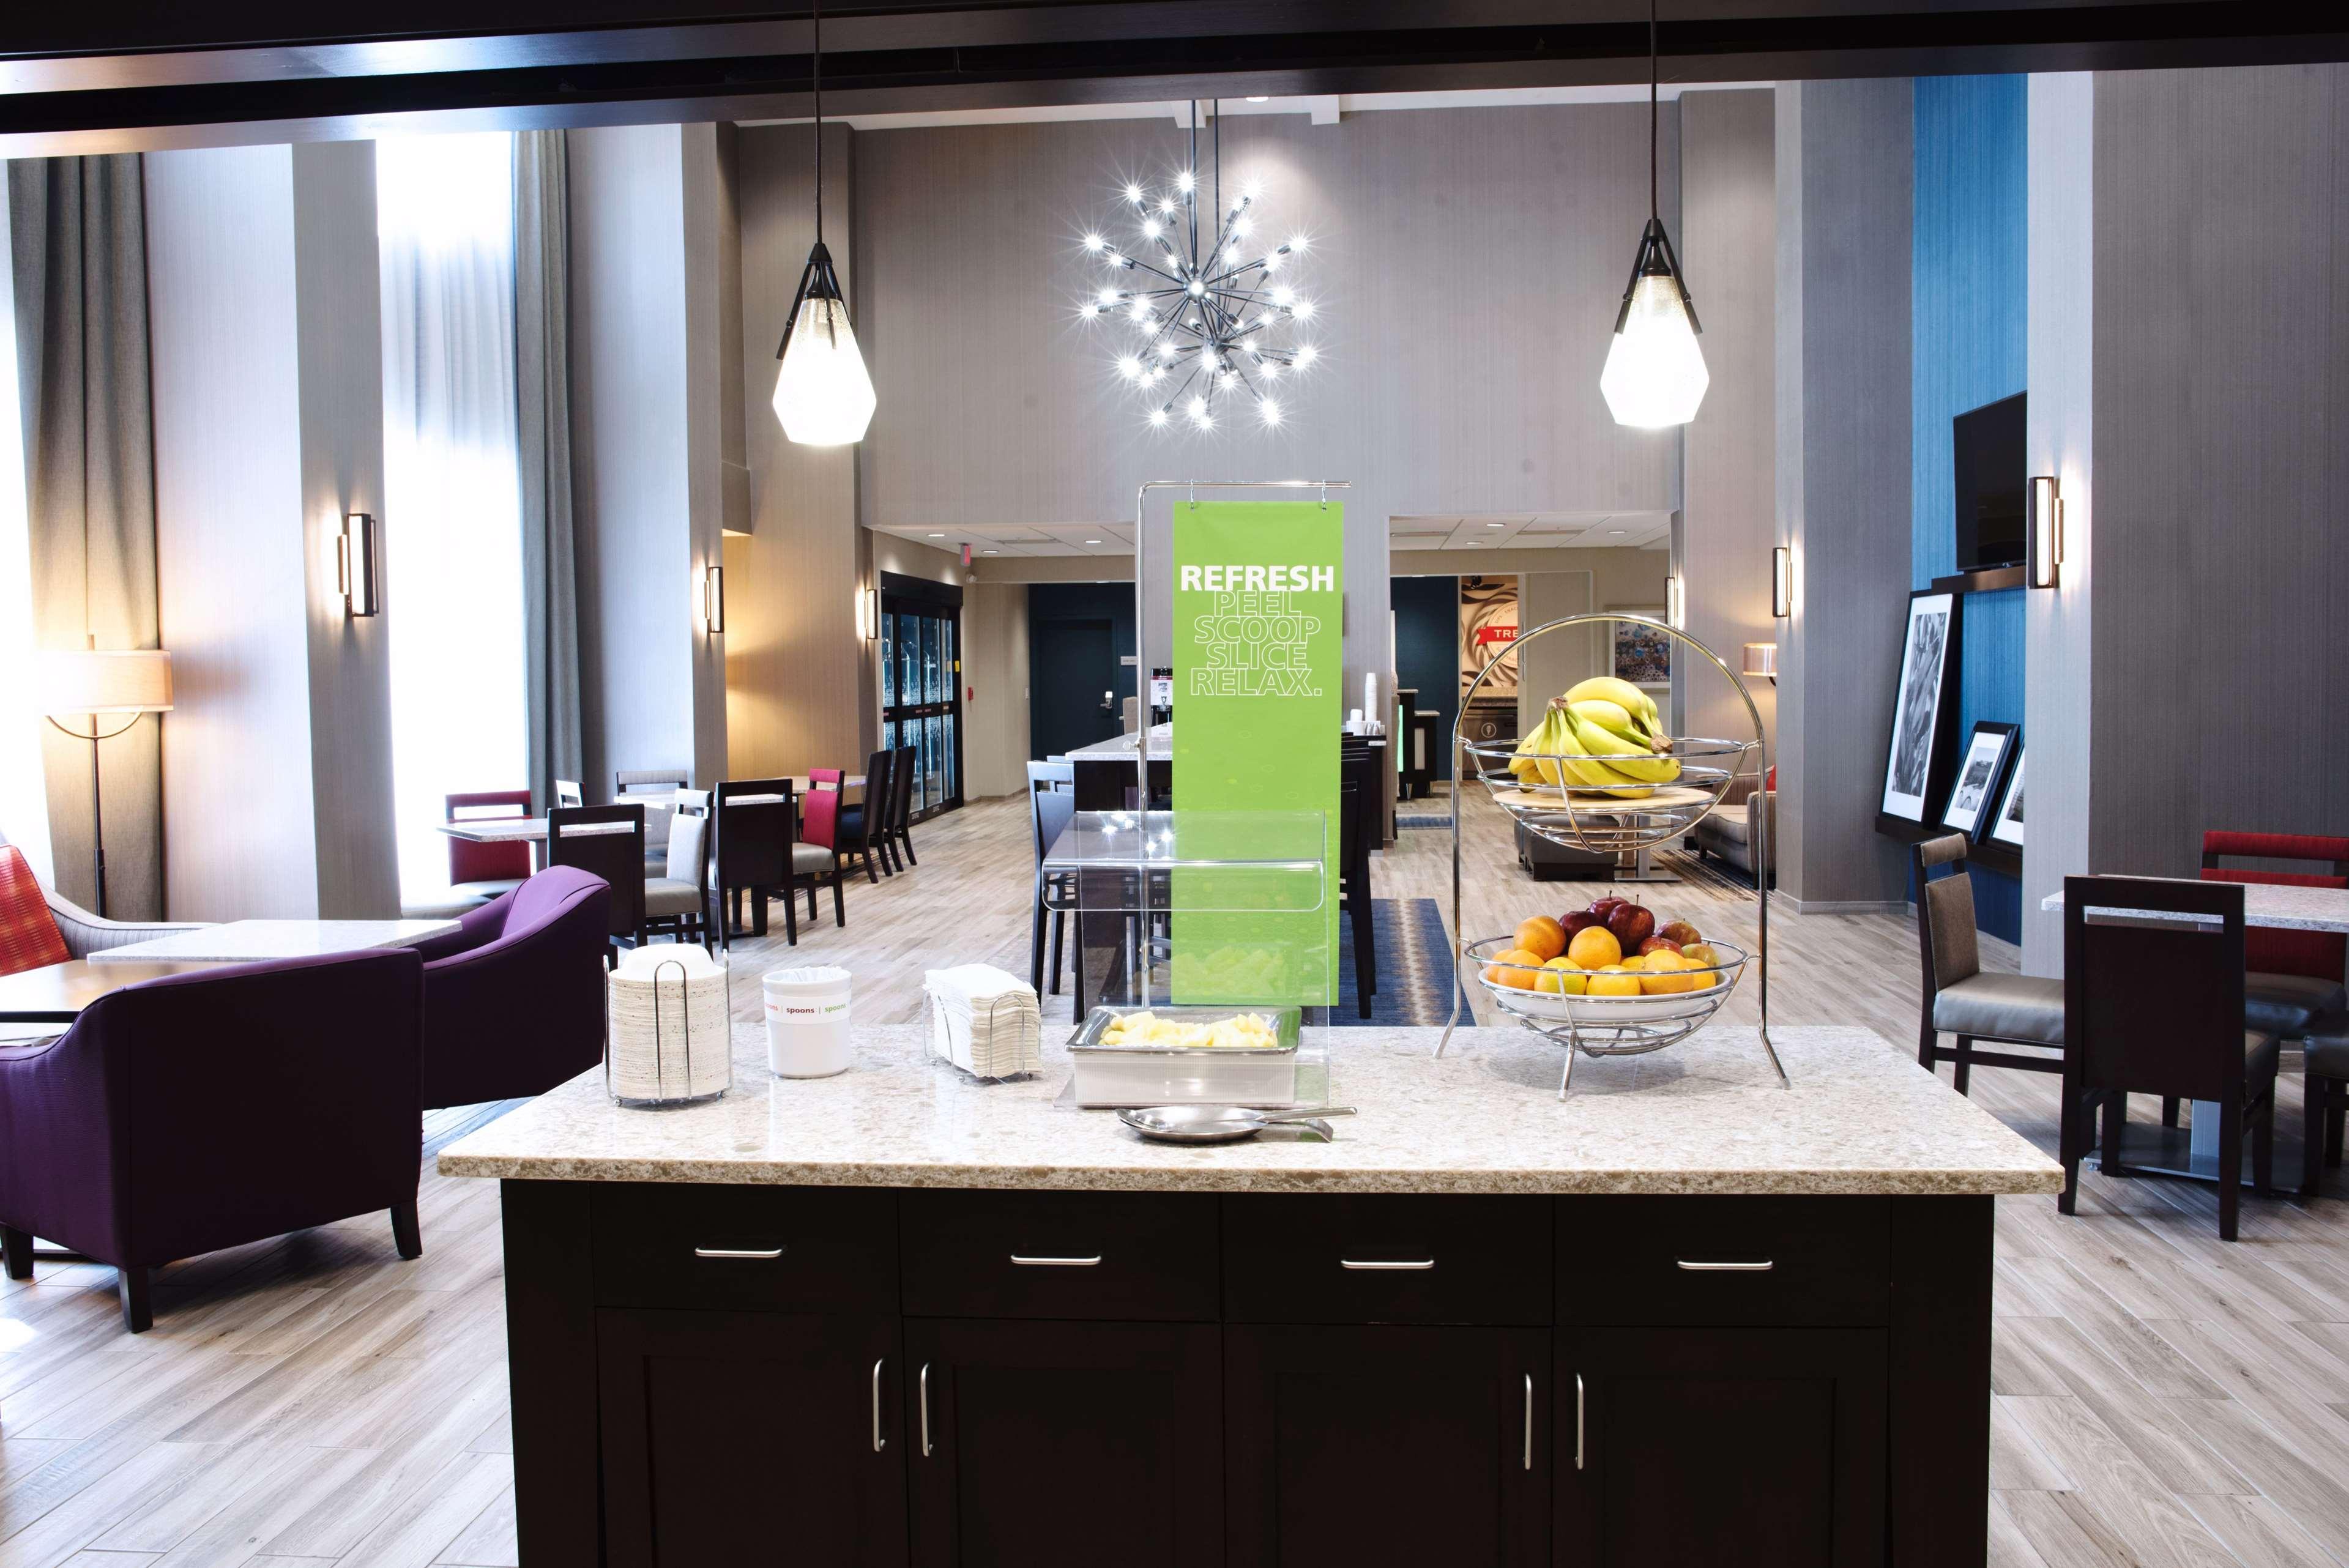 Hampton Inn & Suites Des Moines/Urbandale image 10